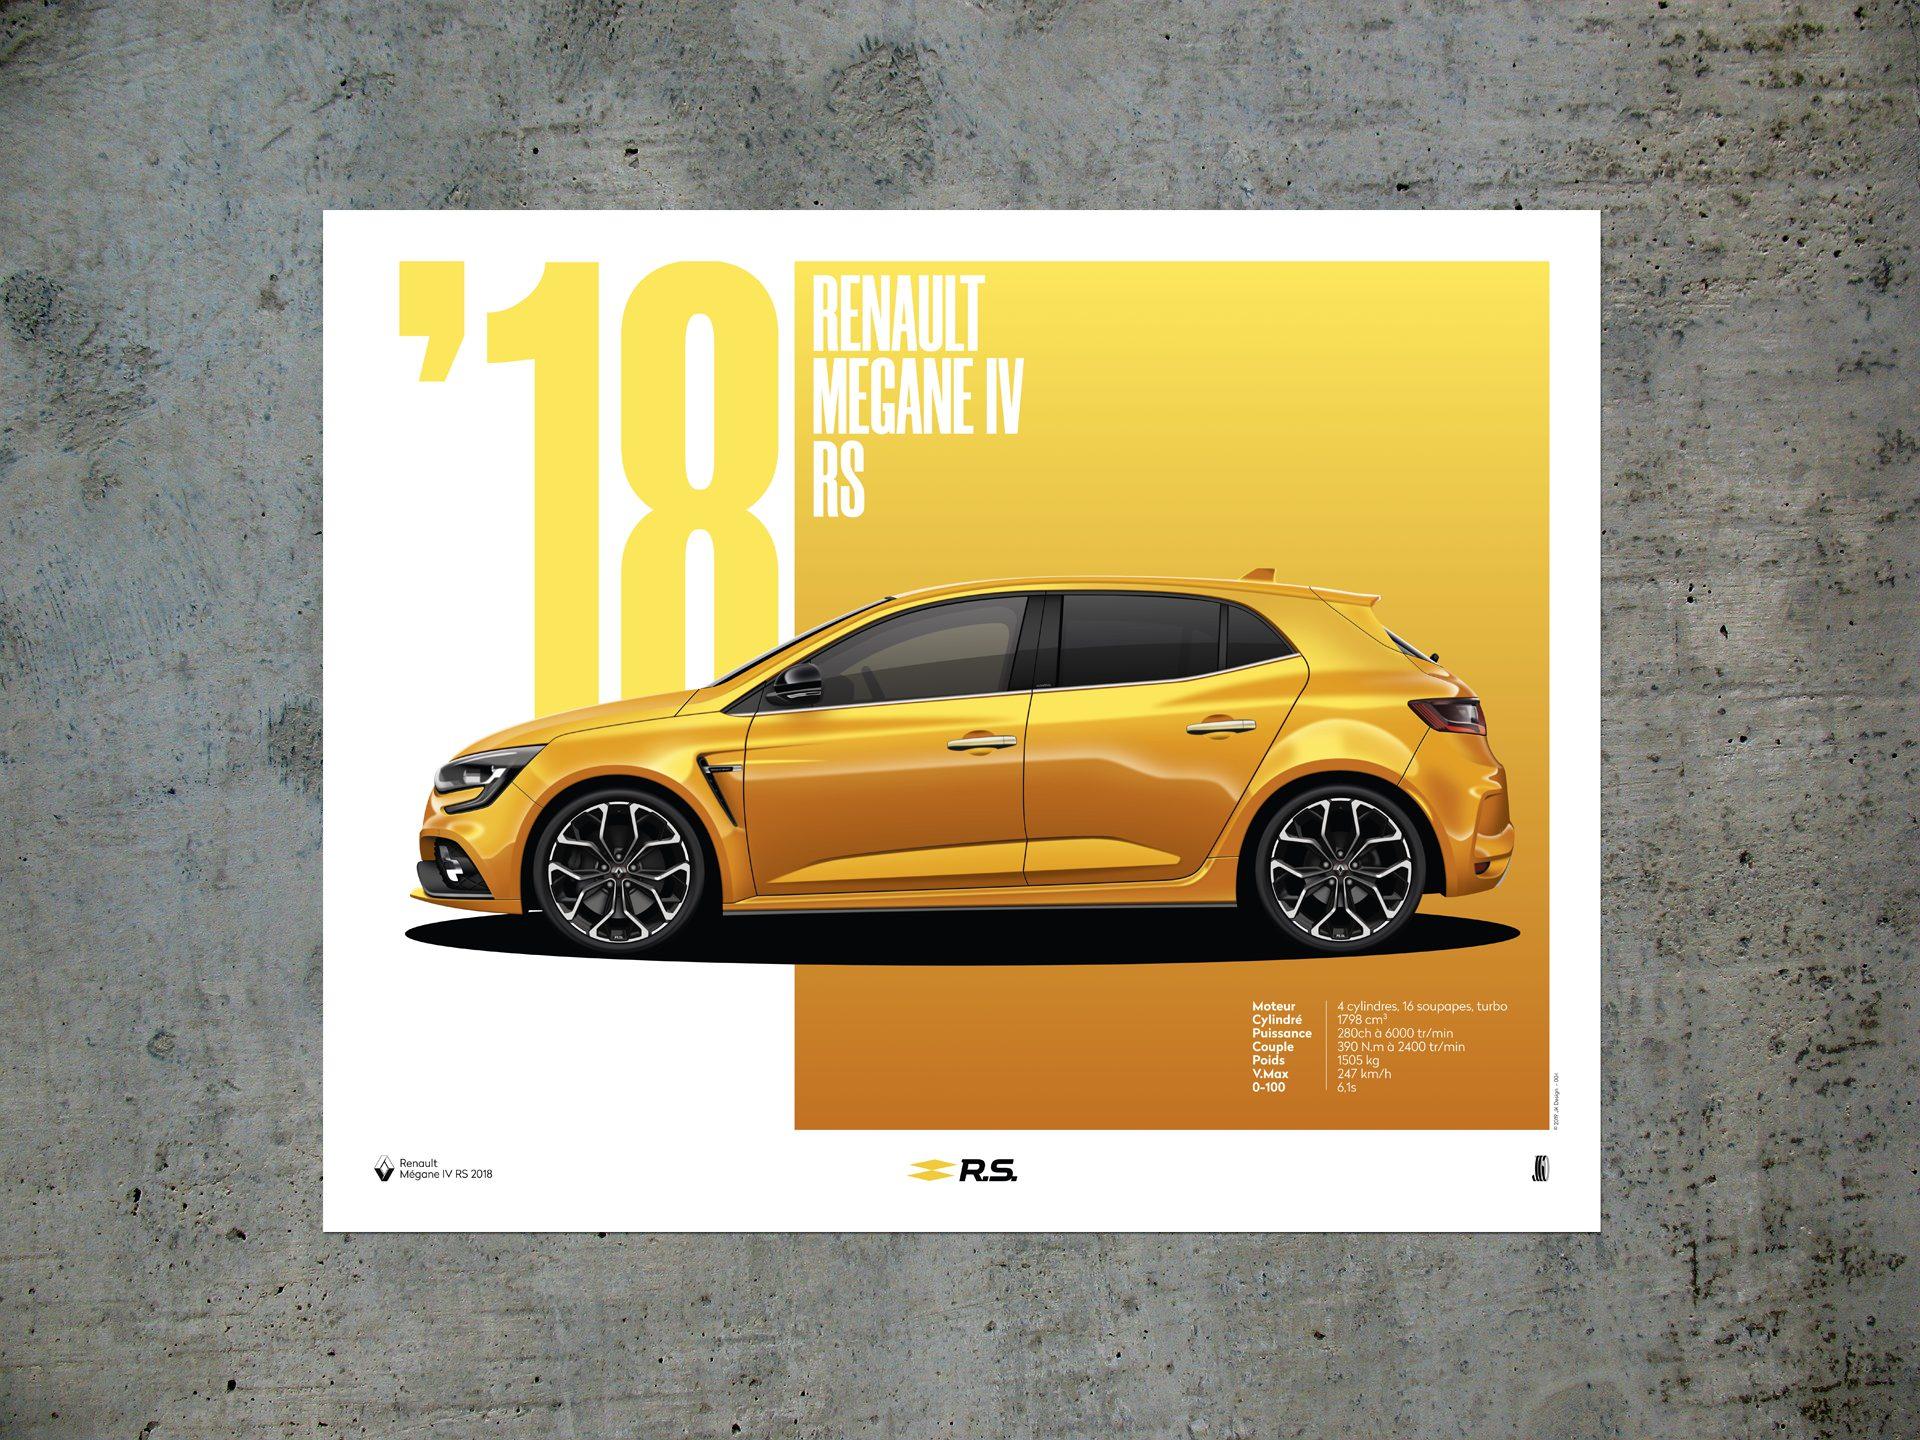 Jk Design - Renault Megane 4 RS - 02